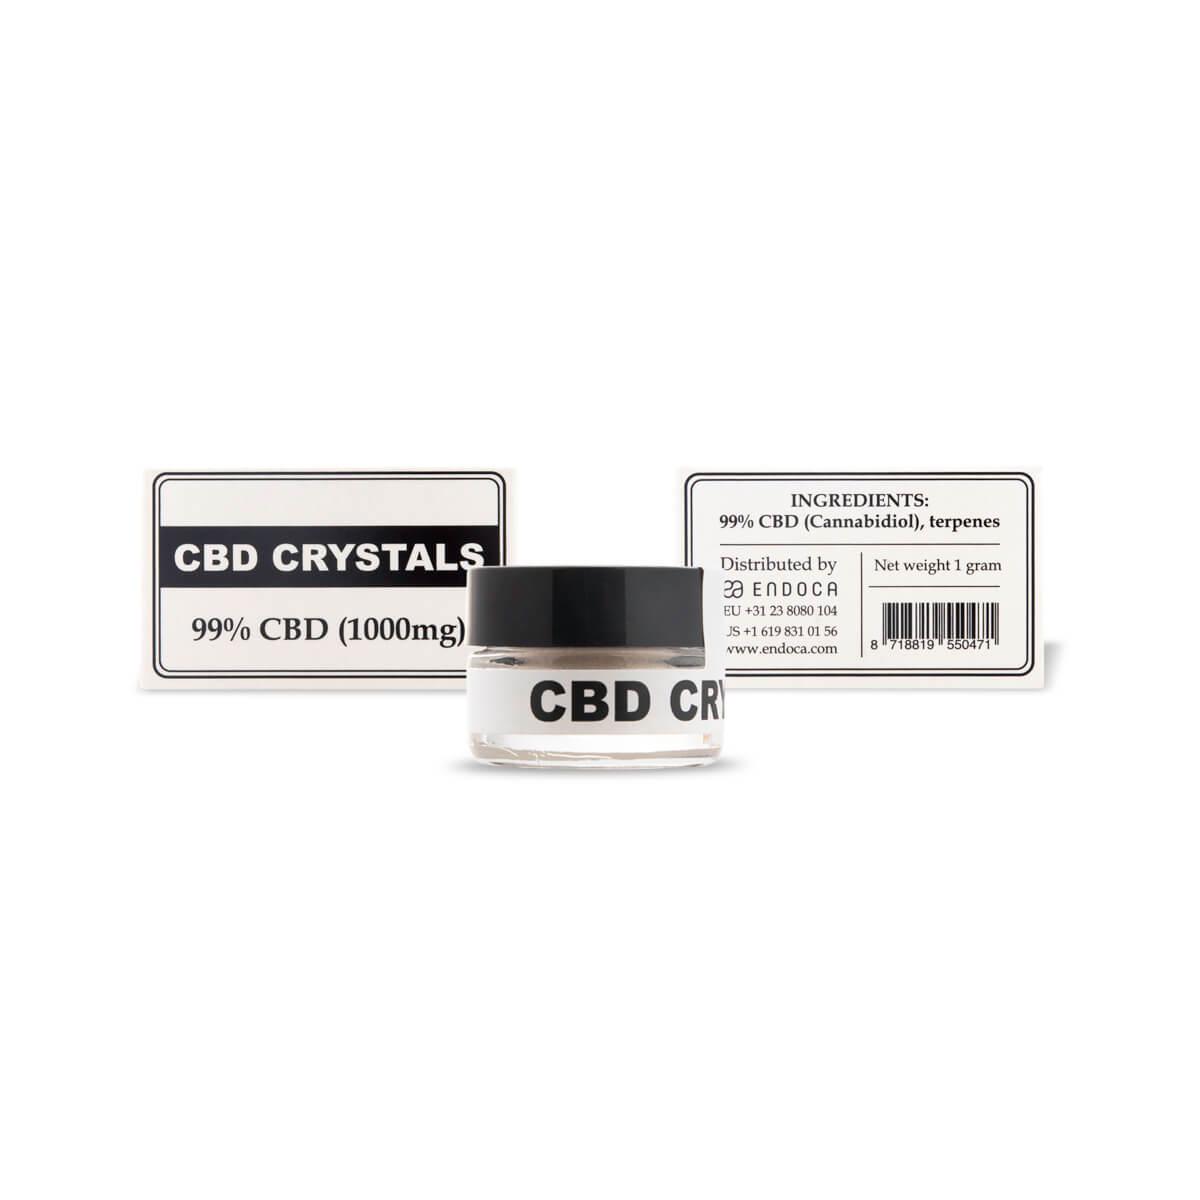 CBD Crystals - Information